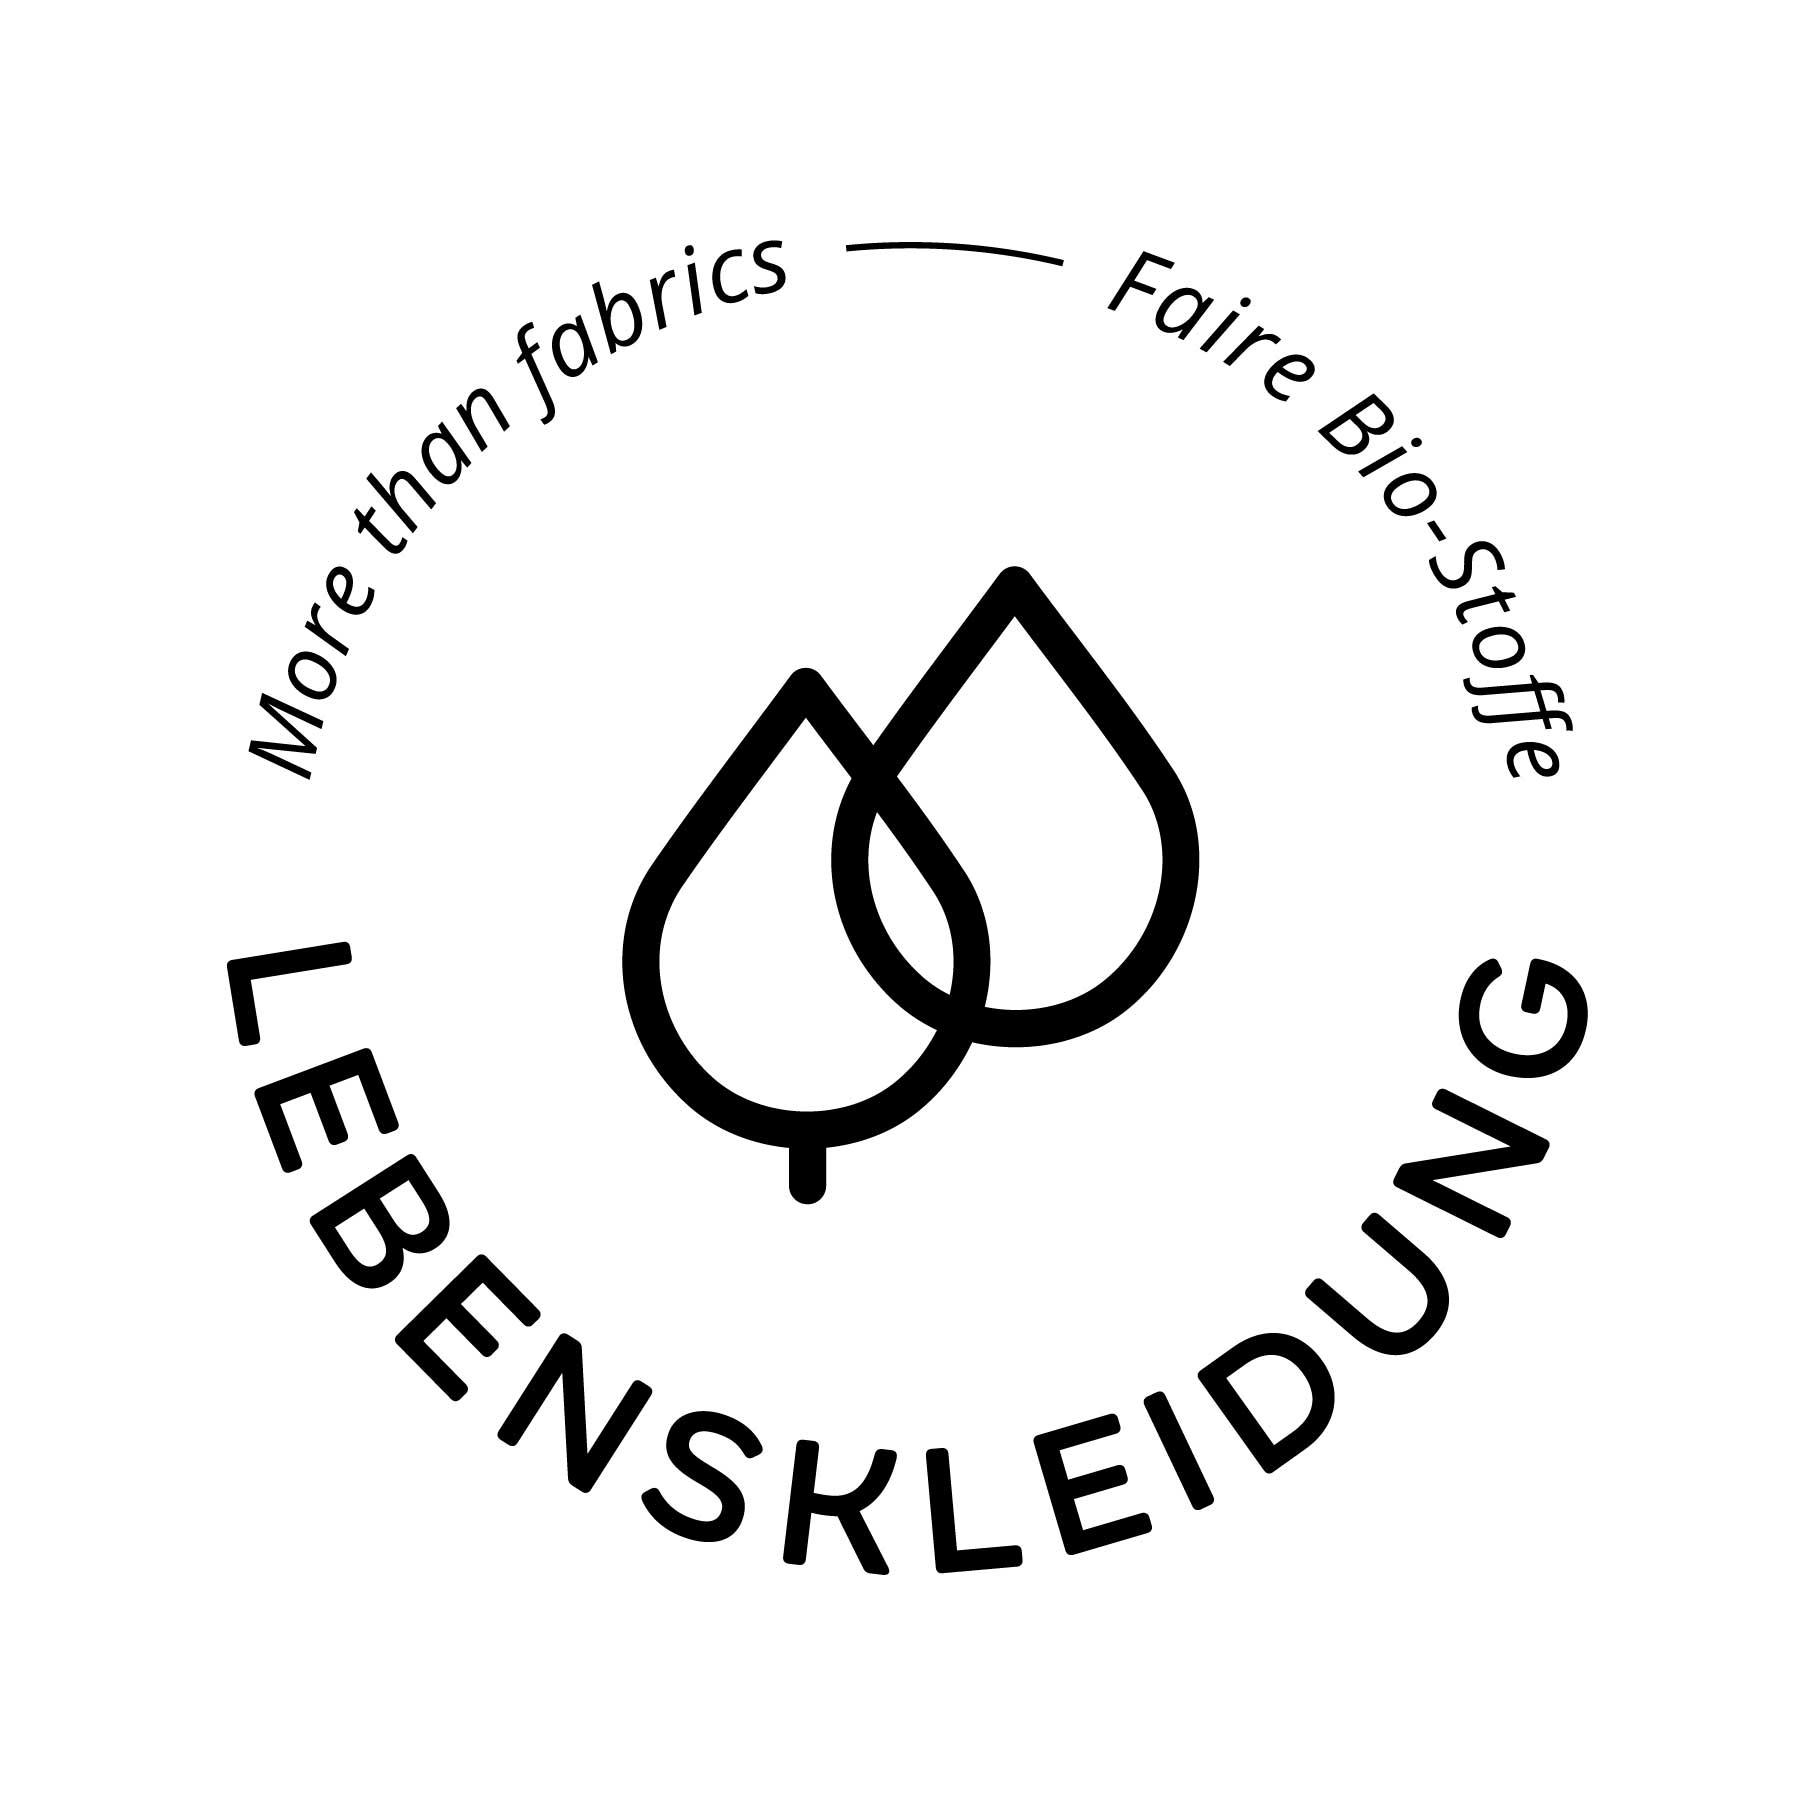 Bio Tissu RIB 2x1 (manchette) - Amazon Marl-1